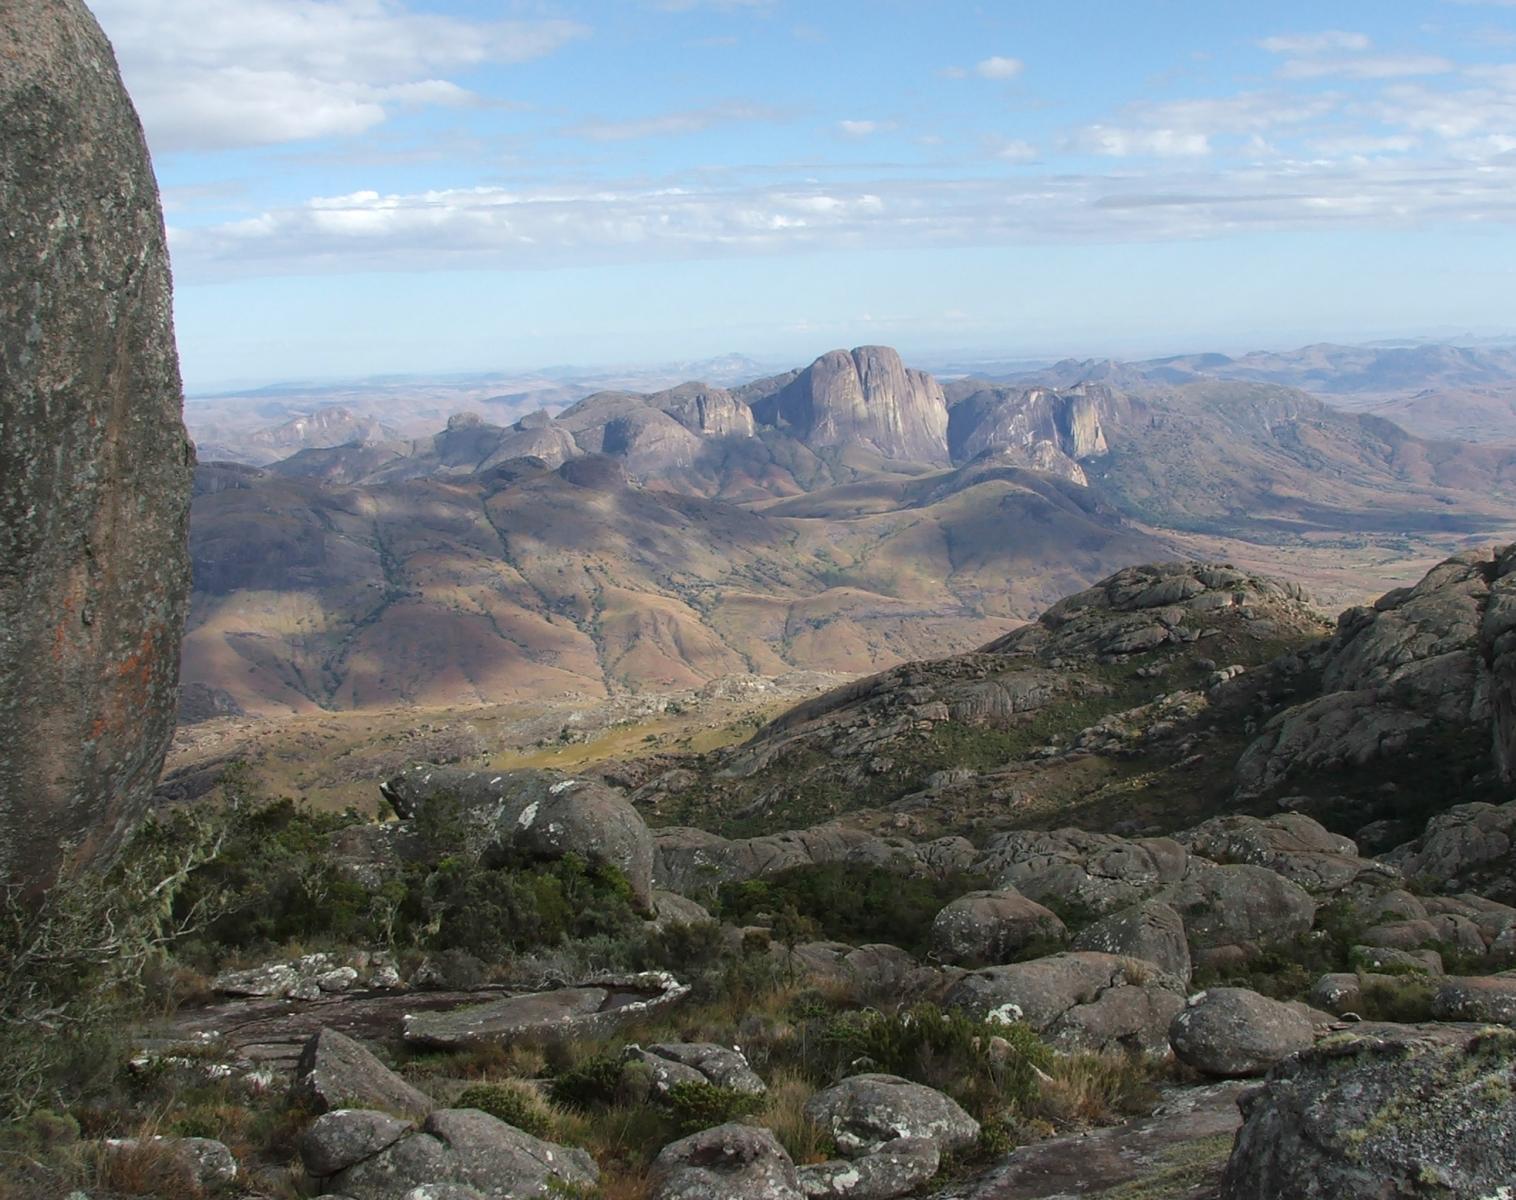 Madagascar  Le Sud et l'Ouest sauvage   Trek & Randonnée Observation nature Apnée & Plongée  Balade nature